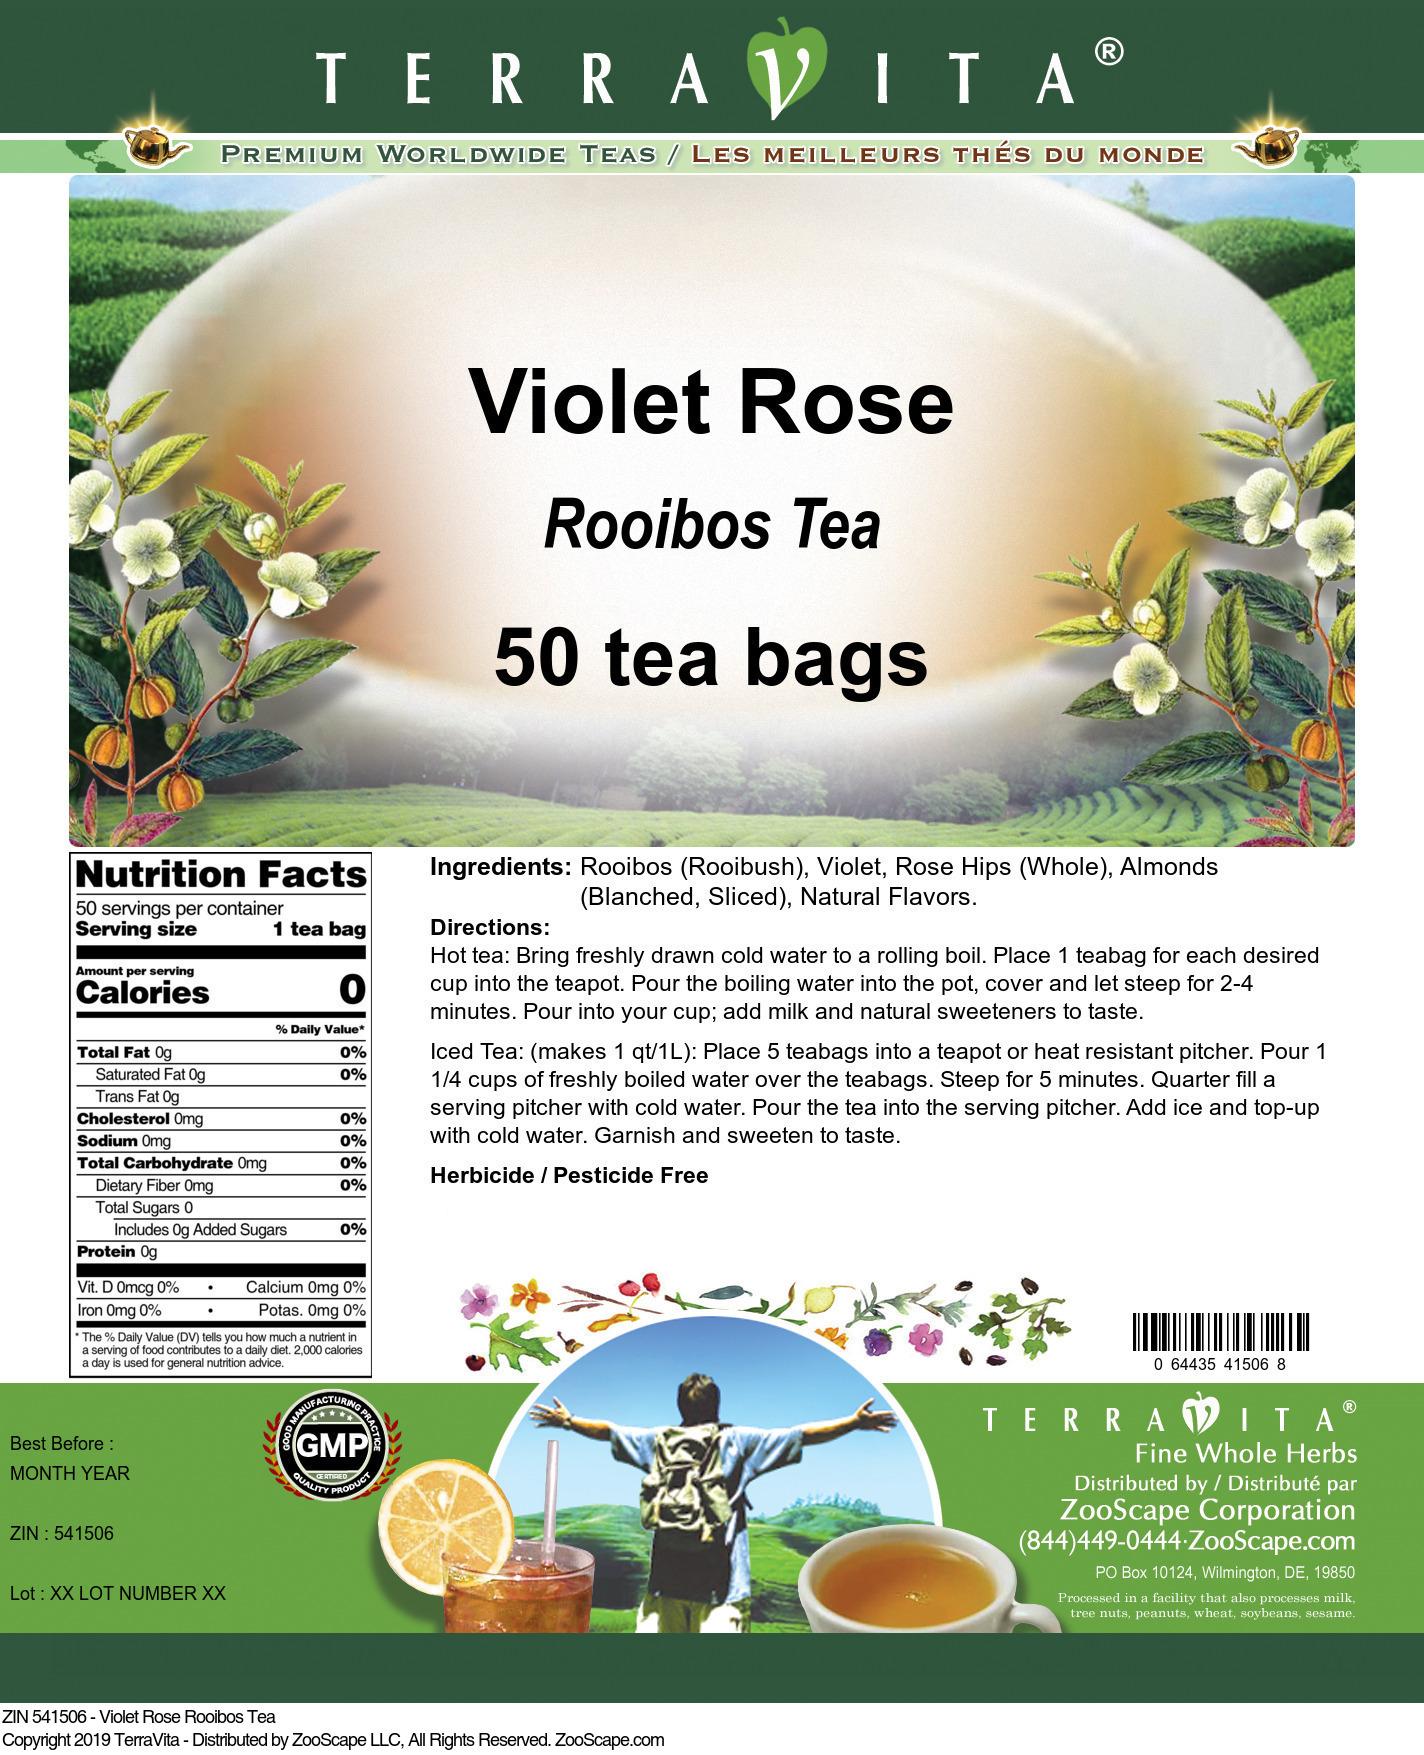 Violet Rose Rooibos Tea